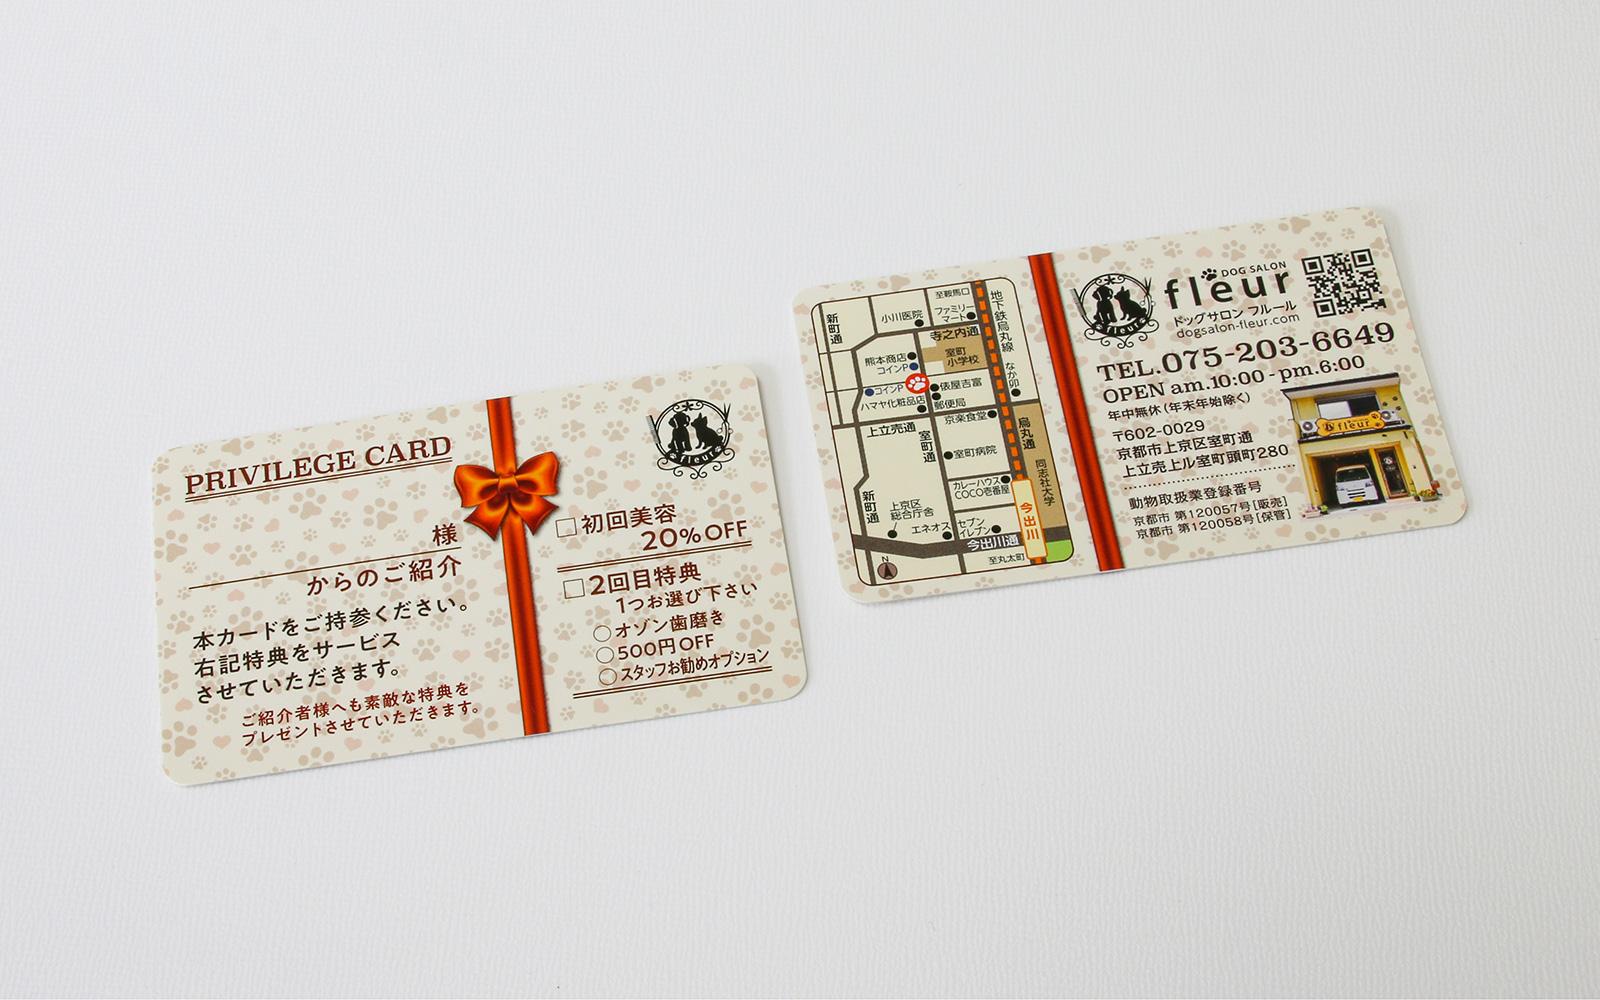 ドッグサロンフルールお客様紹介特典カード